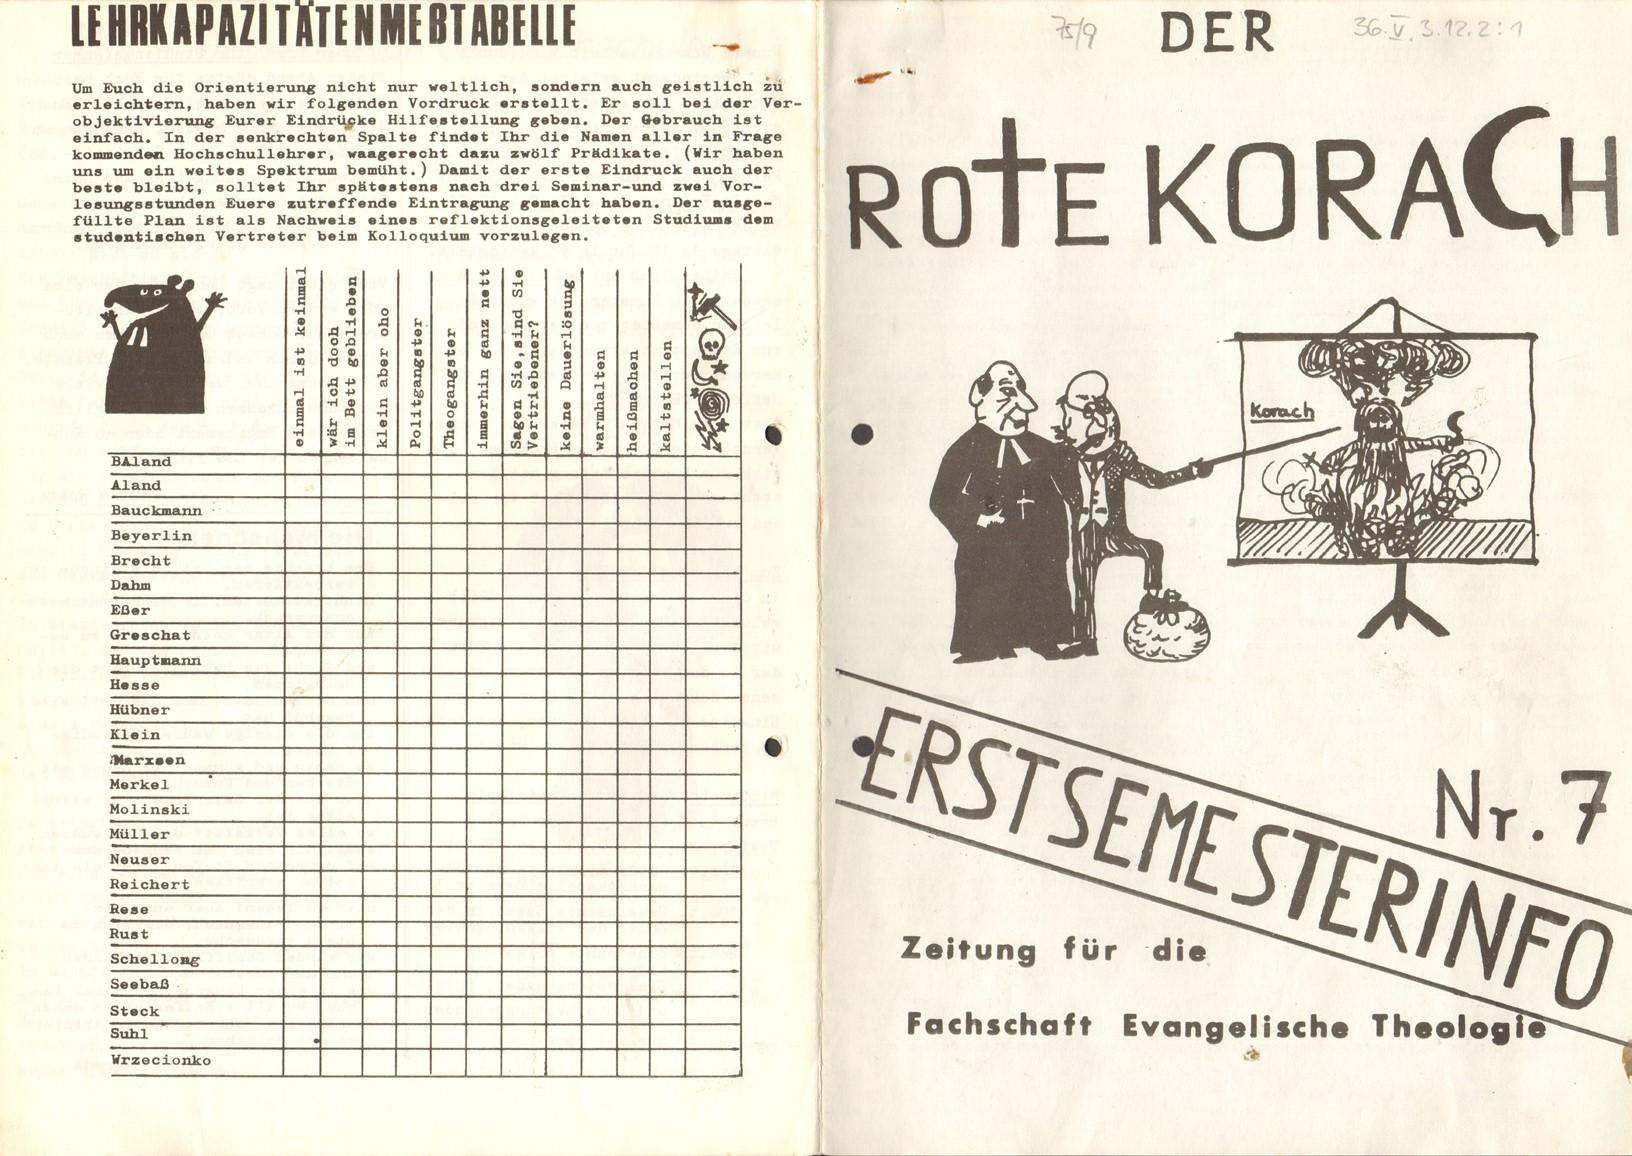 Muenster_Roter_Korach_19751001_01